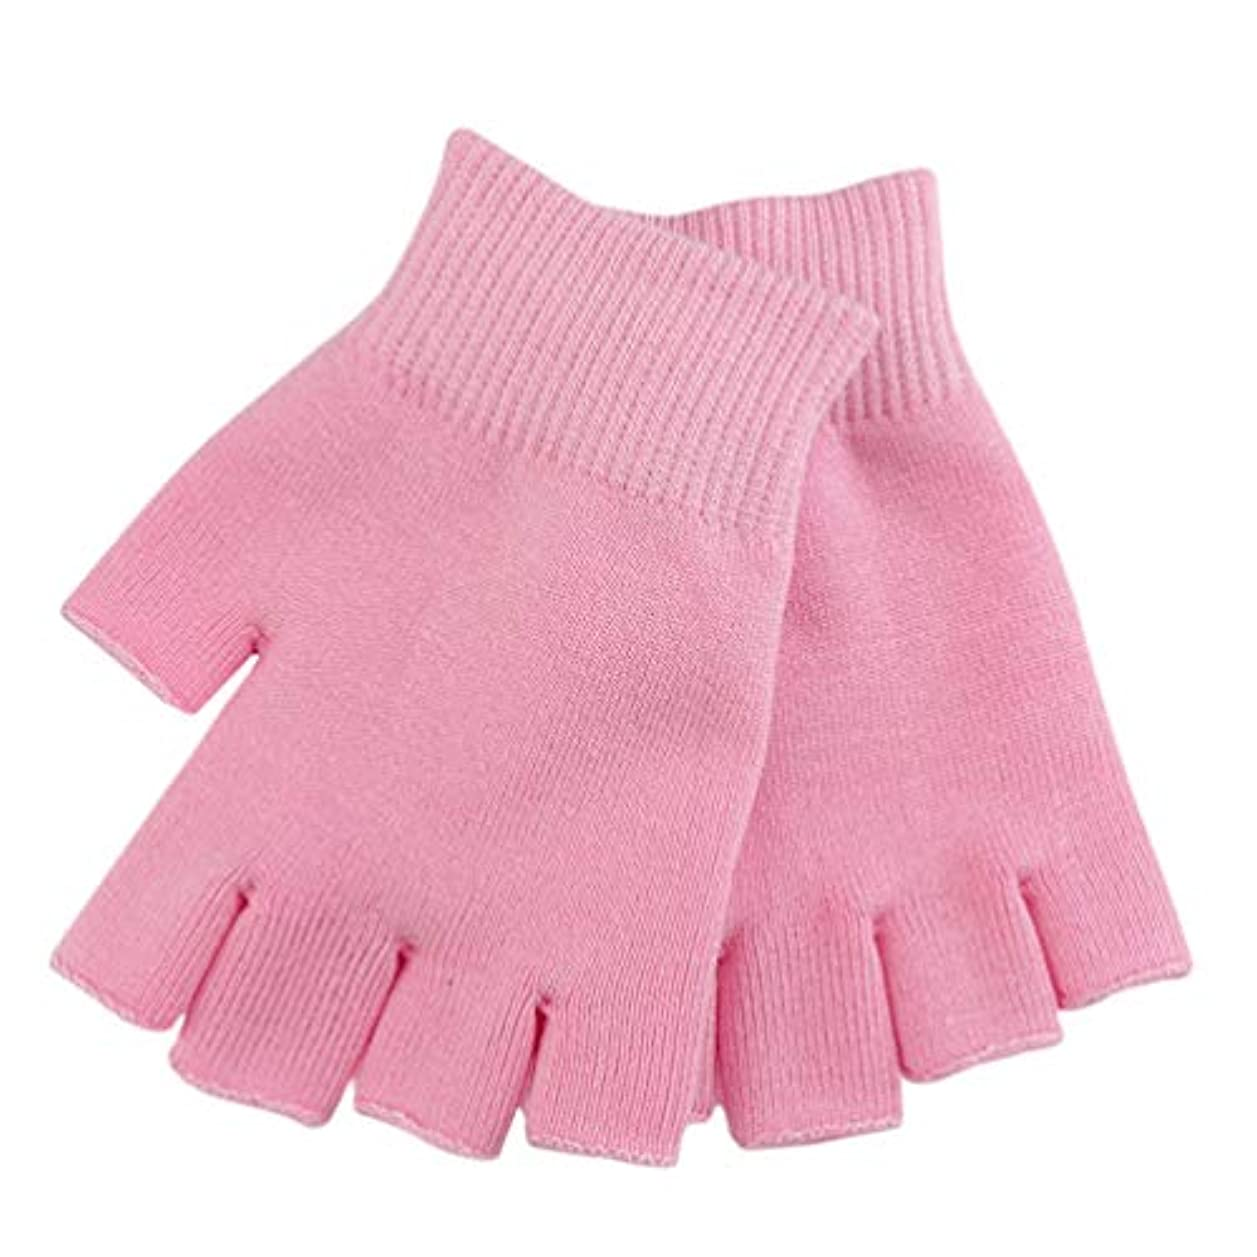 平和無効にする小川Healifty 保湿スパ手袋治癒のための半分の指のタッチスクリーン手袋綿ゲルライン精油水分指なしミトンに乾燥肌ひび割れ手(ピンク)